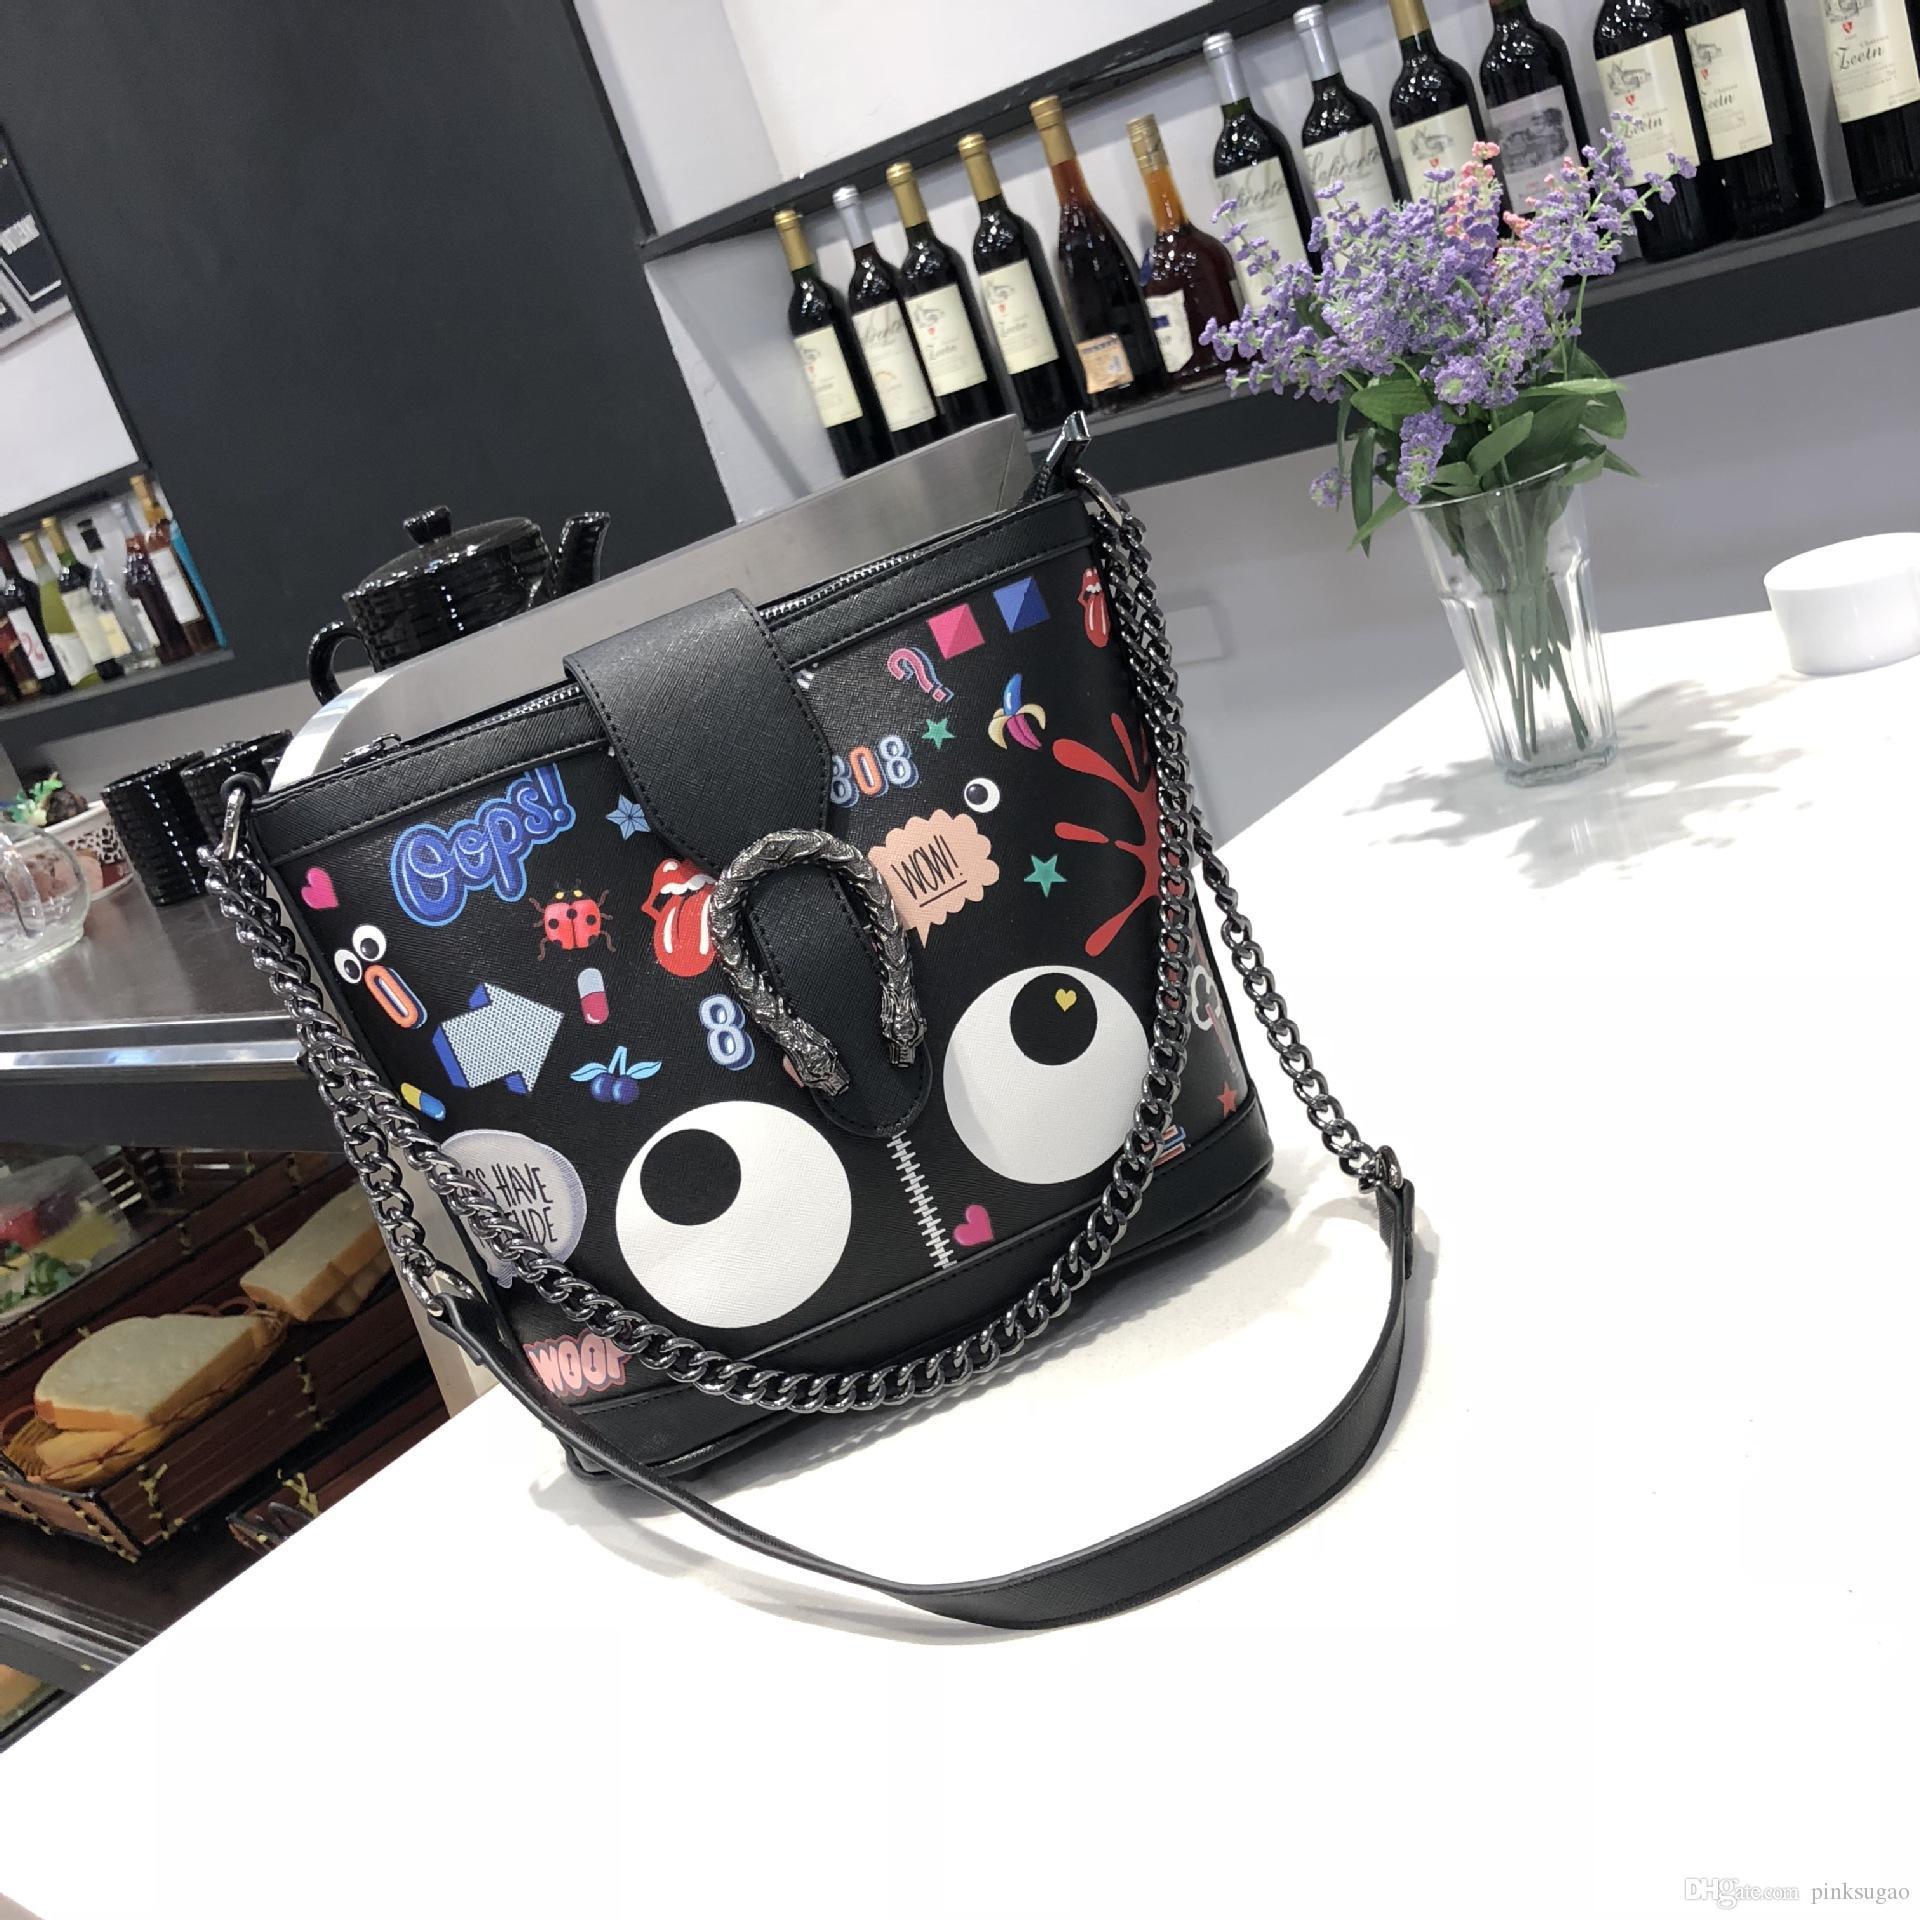 핑크 sugao 디자이너 핸드백 럭셔리 여성 핸드백 가죽 메신저 가방 고품질 패션 pu 가죽 어깨 가방 대용량 가방